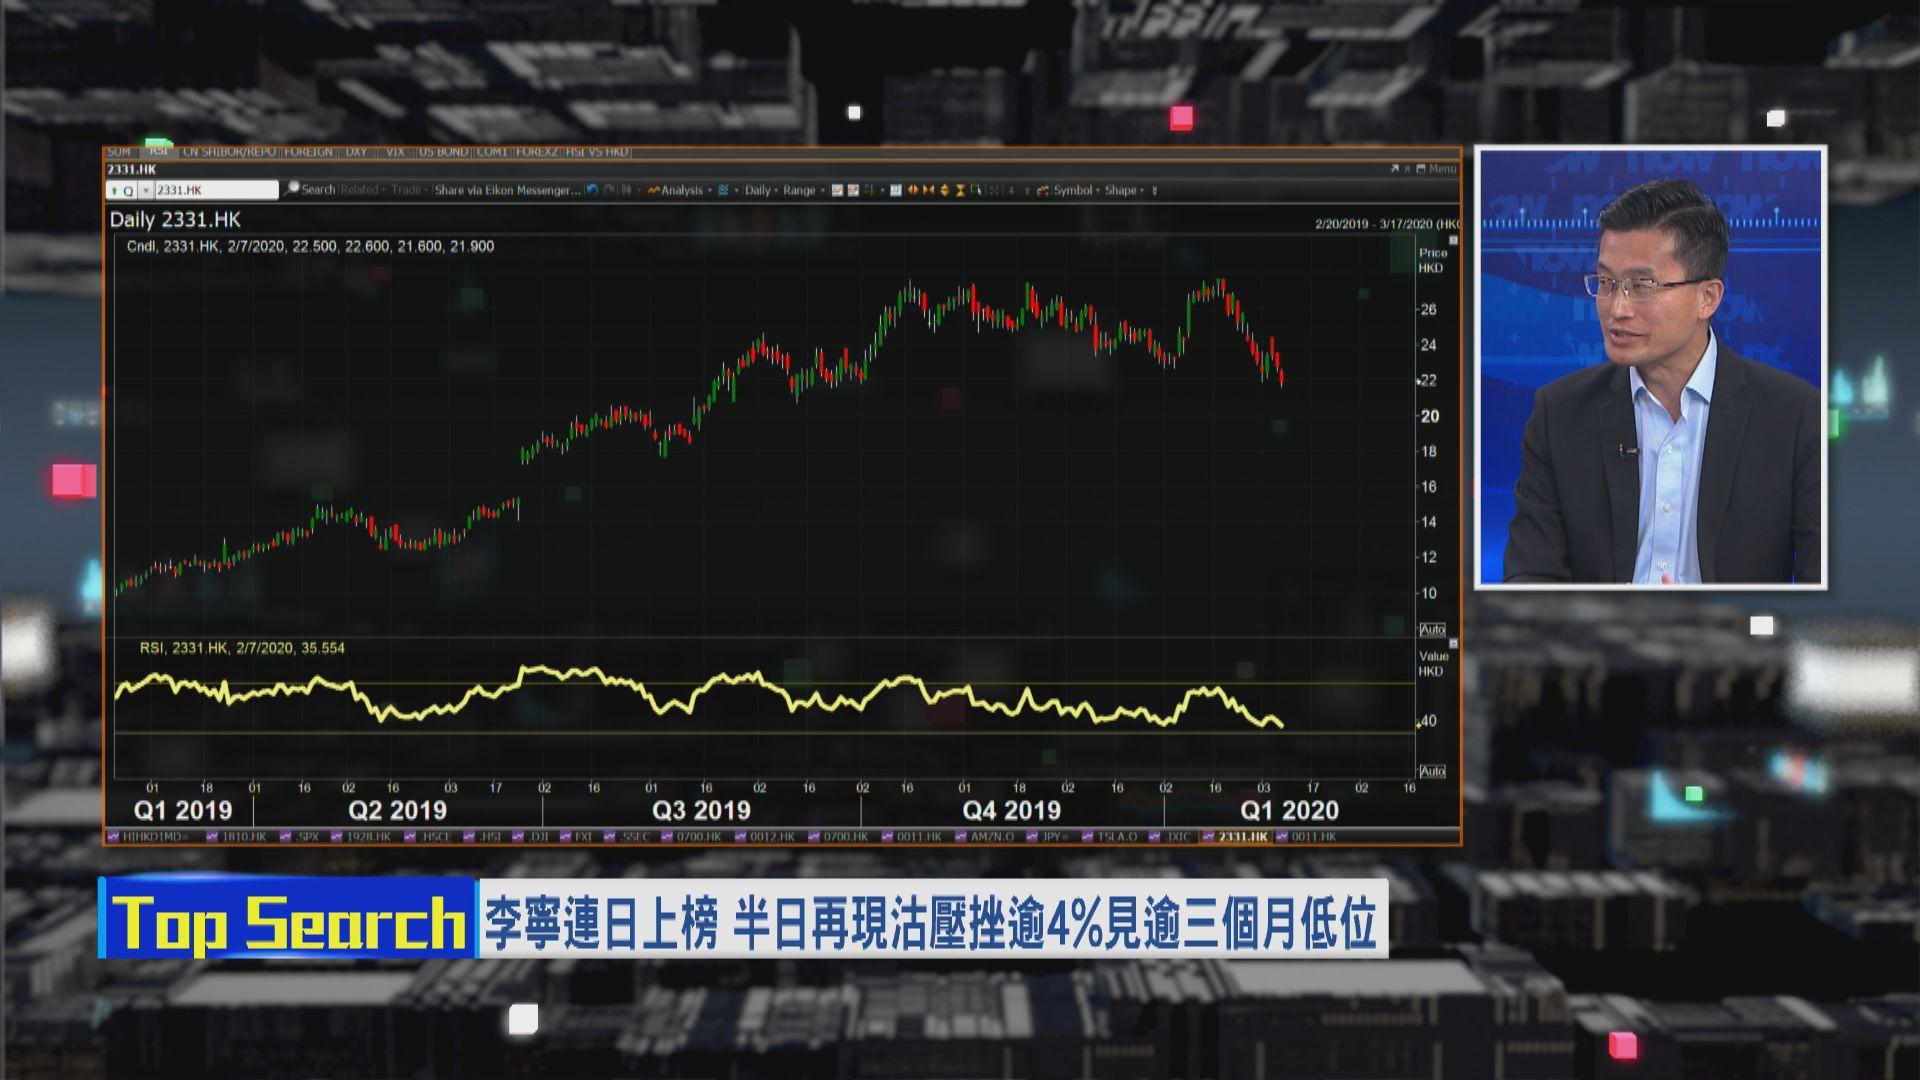 【財經TOP SEARCH】疫情受控前 少接觸零售股為妙